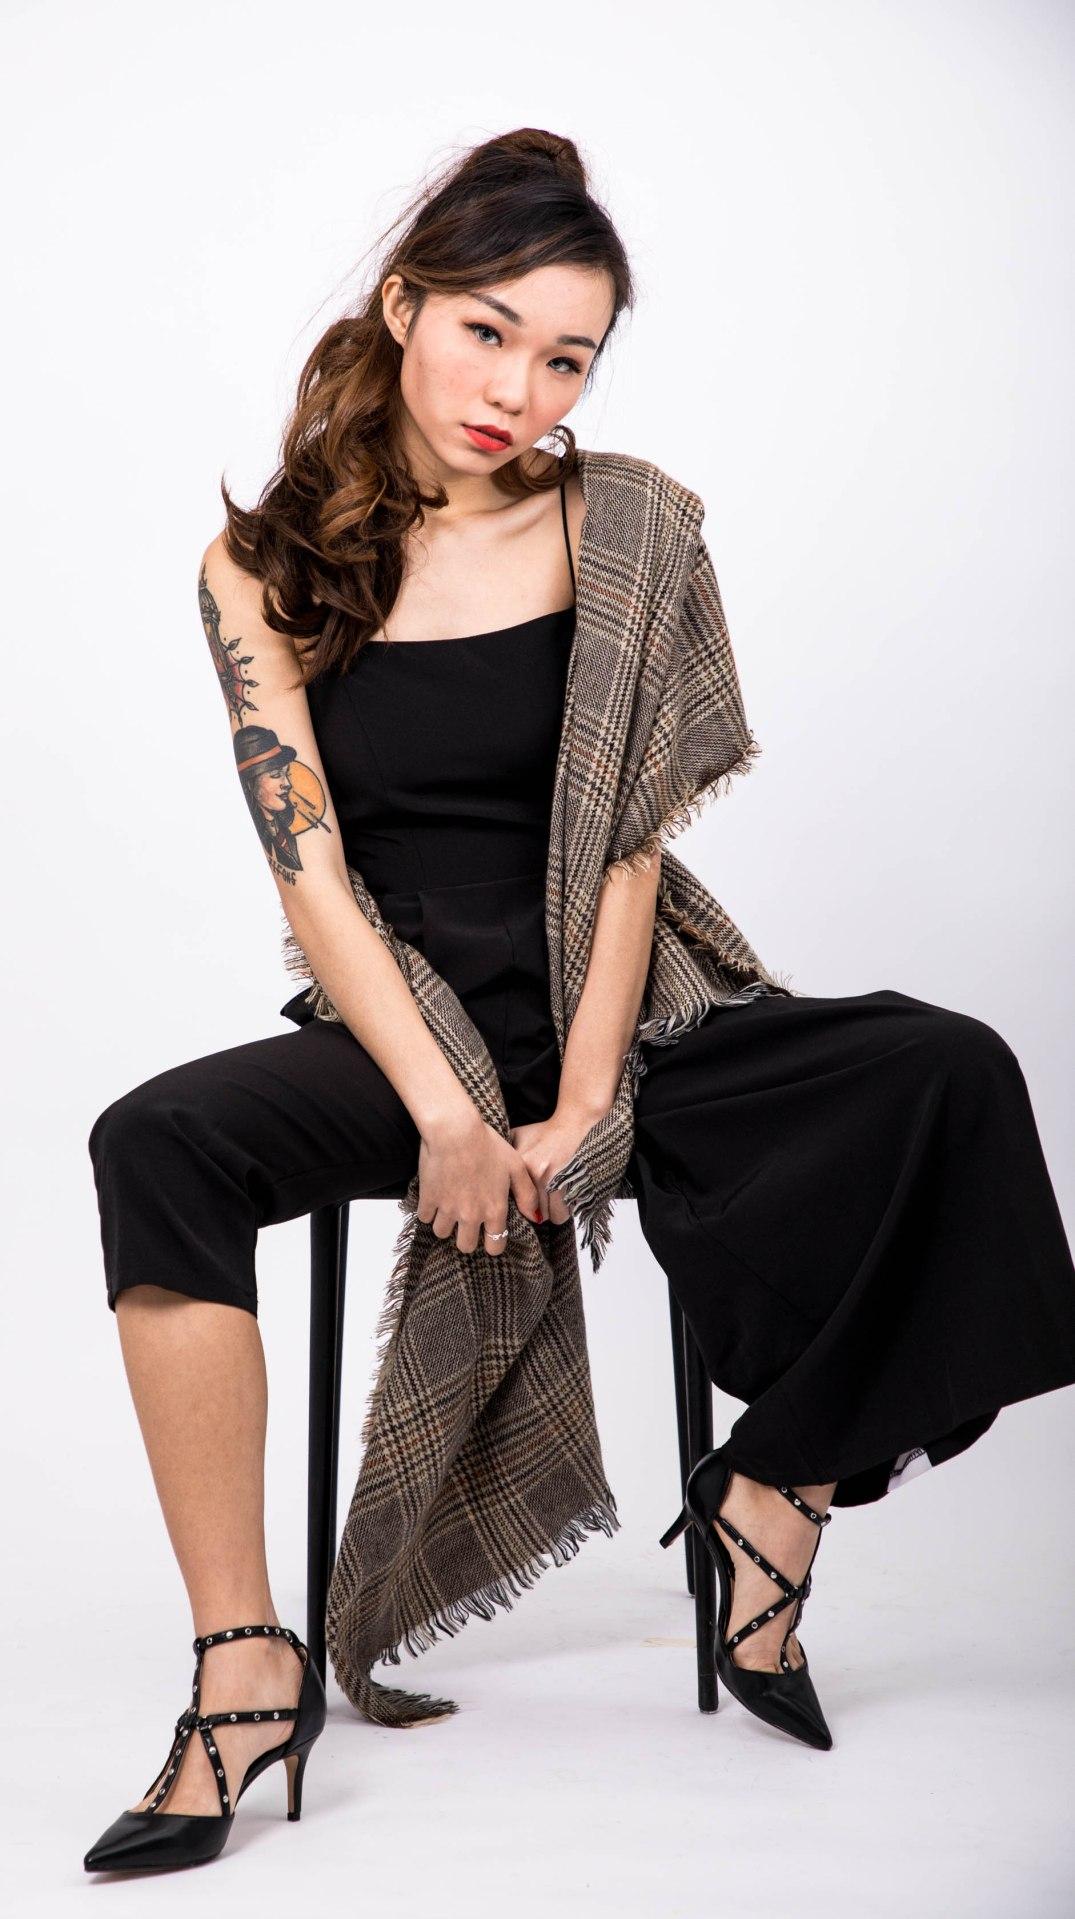 時裝服裝攝影 fashion Photography paulstylist_Zifonia-45